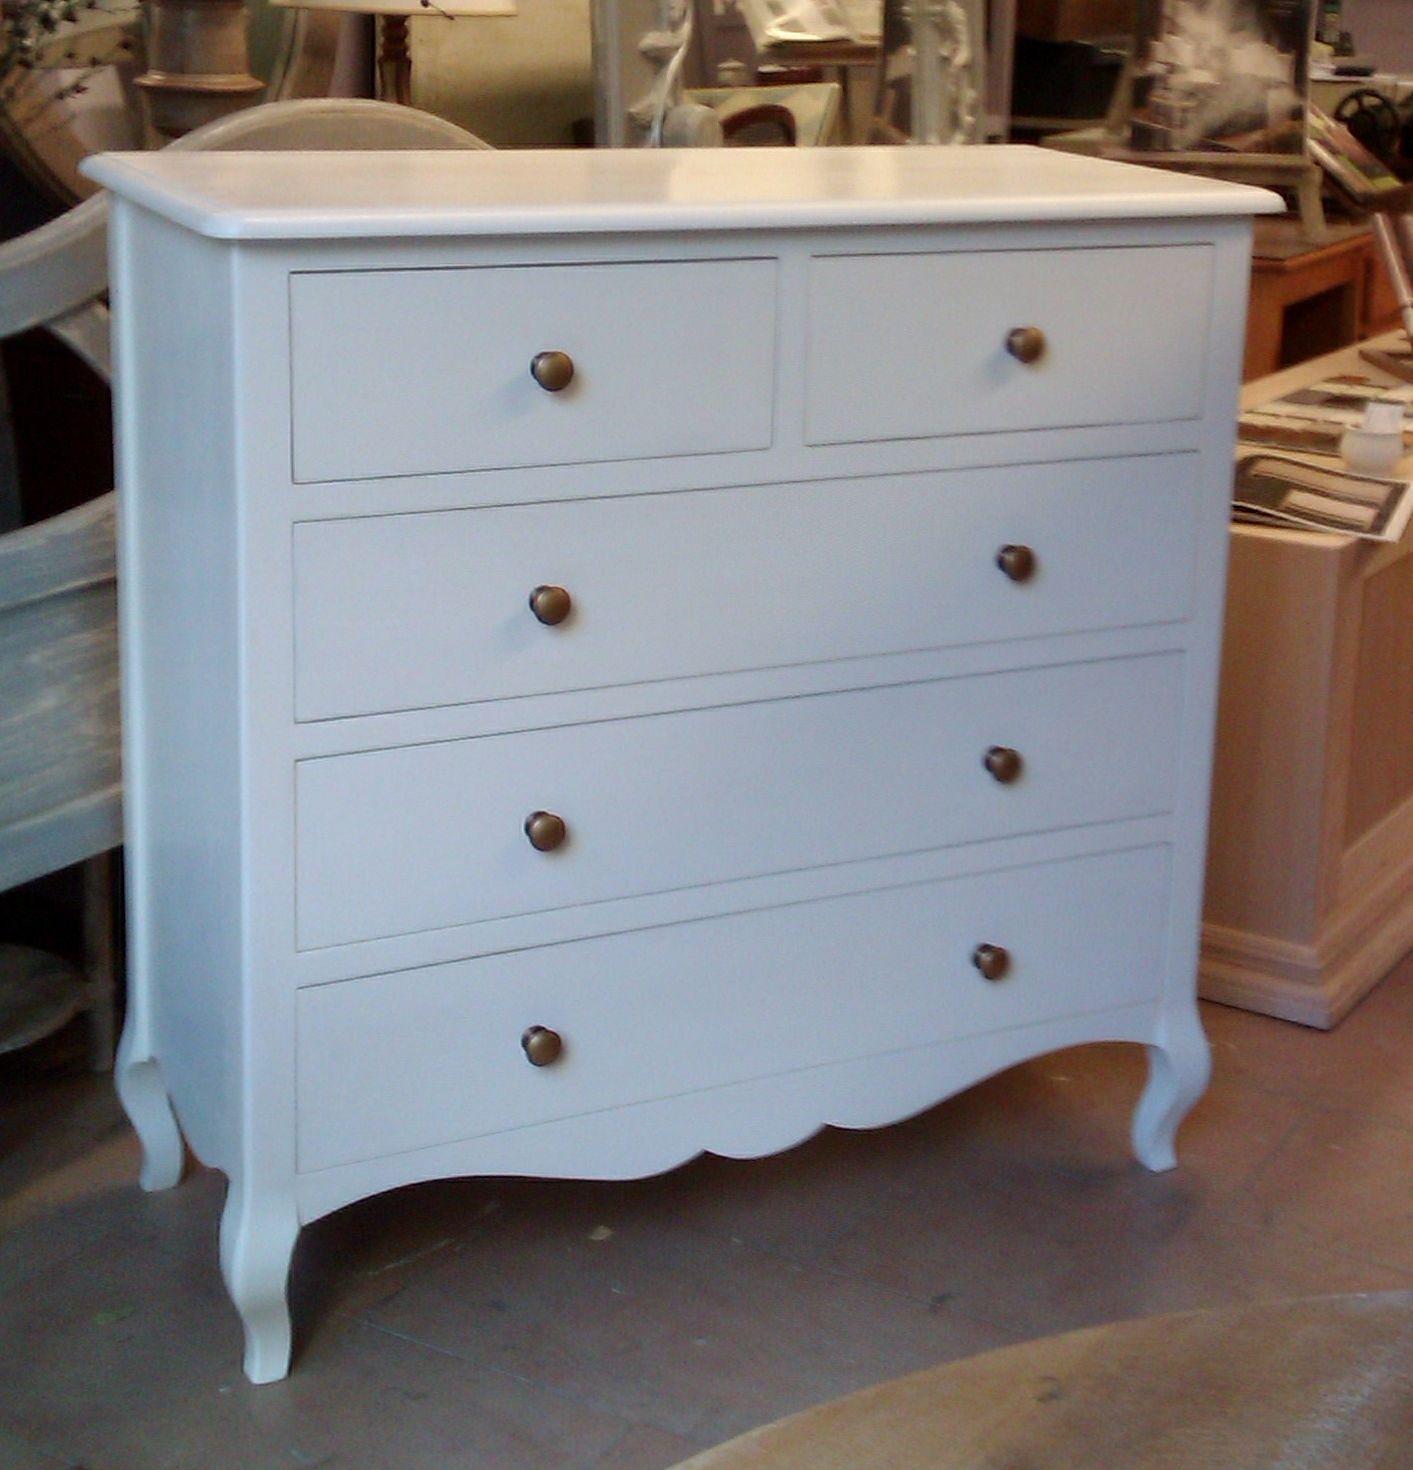 Muebles Blanco Decapado Finest With Muebles Blanco Decapado  # Muebles Efecto Decapado